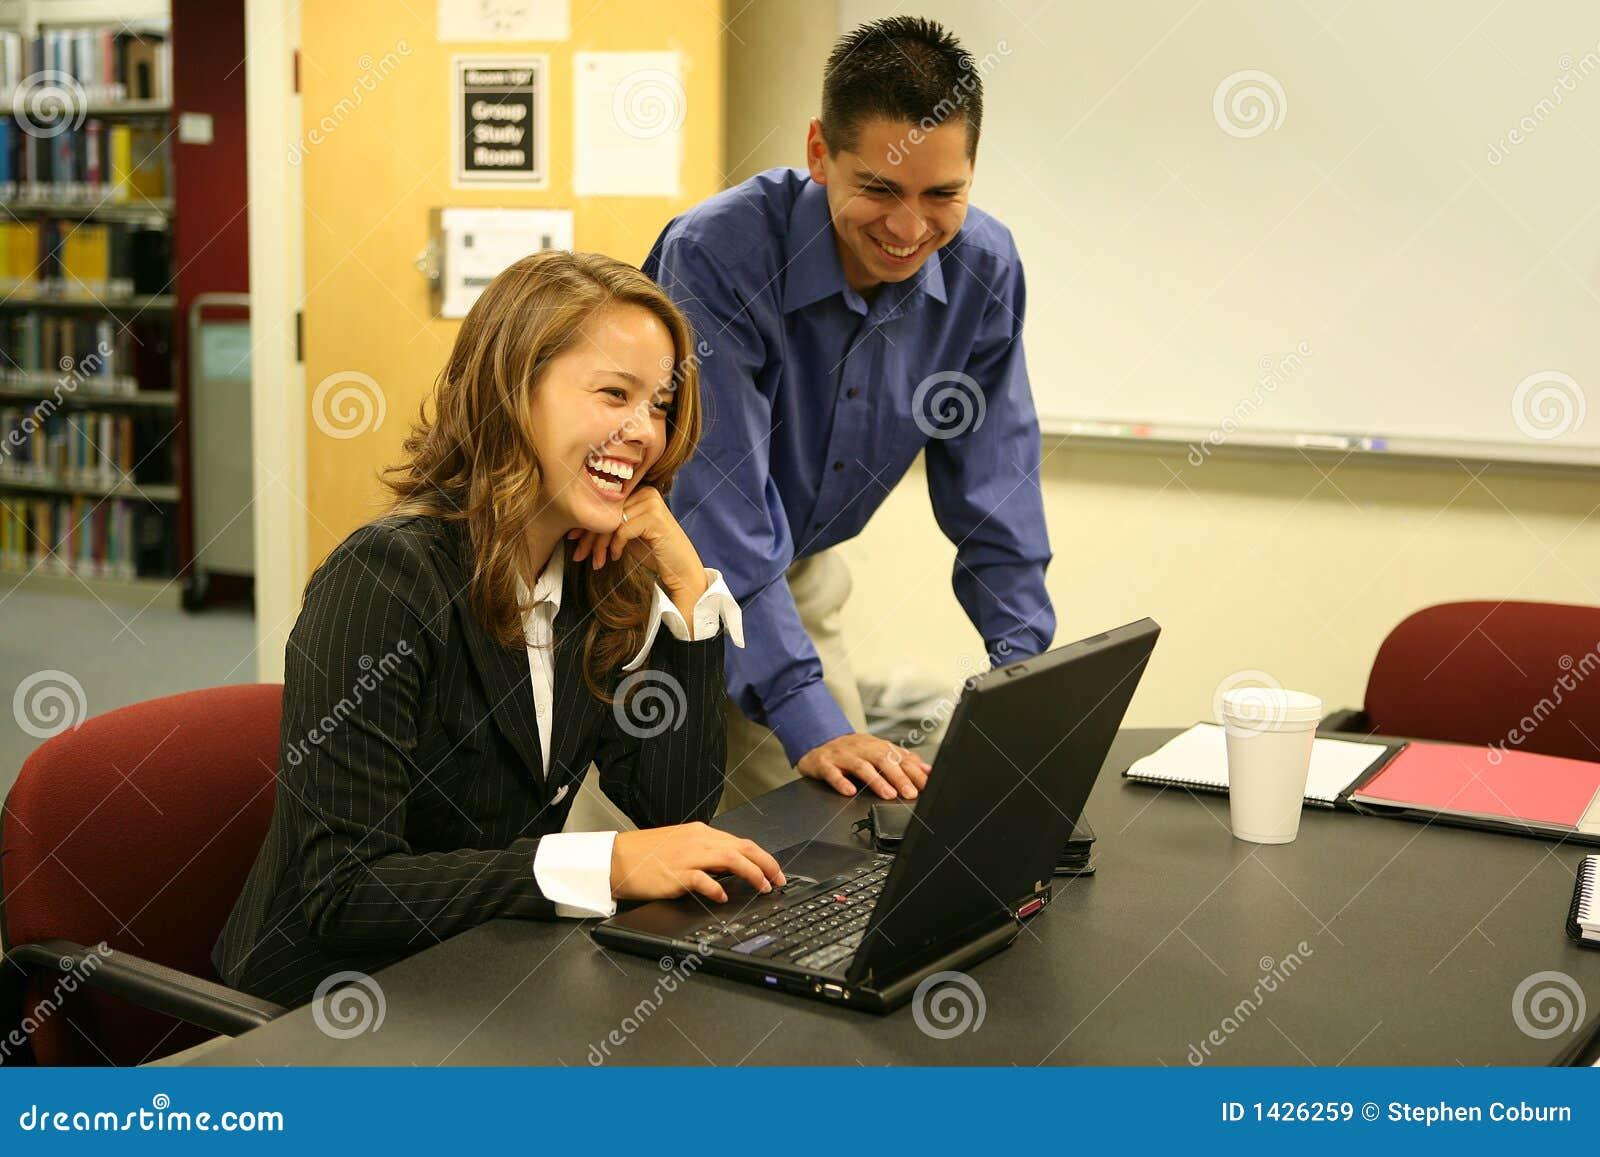 Young man and woman at Computer